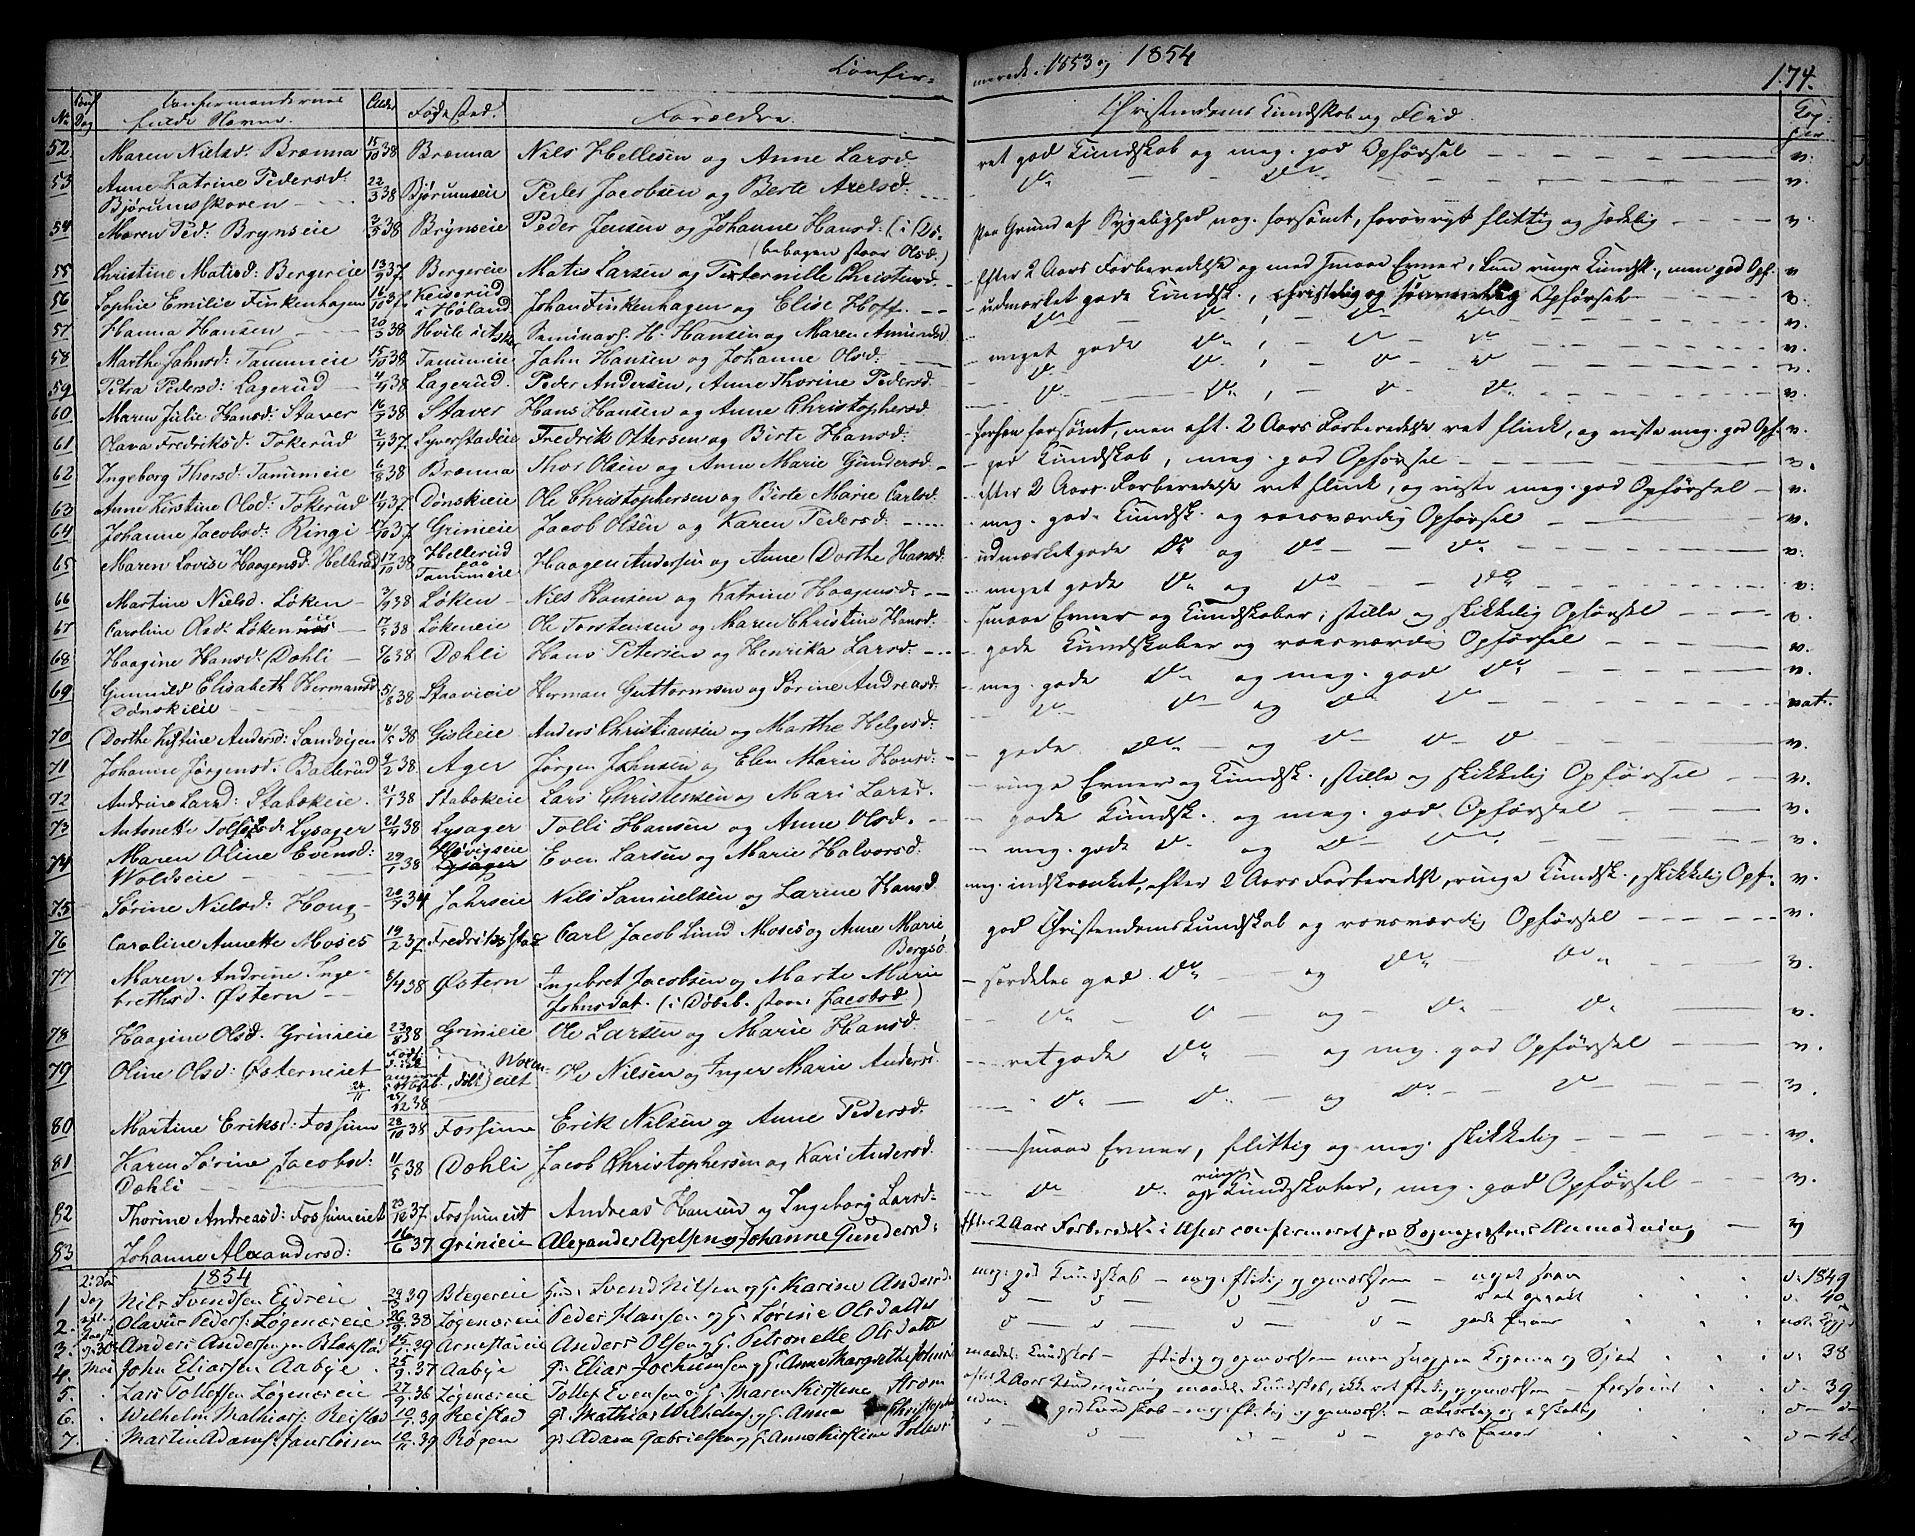 SAO, Asker prestekontor Kirkebøker, F/Fa/L0009: Ministerialbok nr. I 9, 1825-1878, s. 174